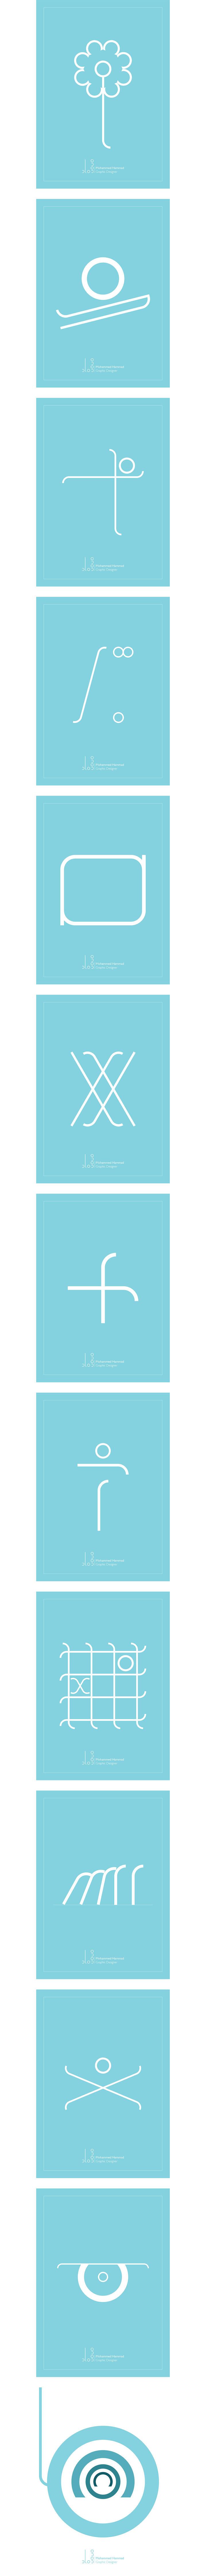 تصاميم مستوحاة من الشعار، يمكن استخدامها كلوحات فنية جدارية، أو كرموز جانبية لنشاطات فرعية.